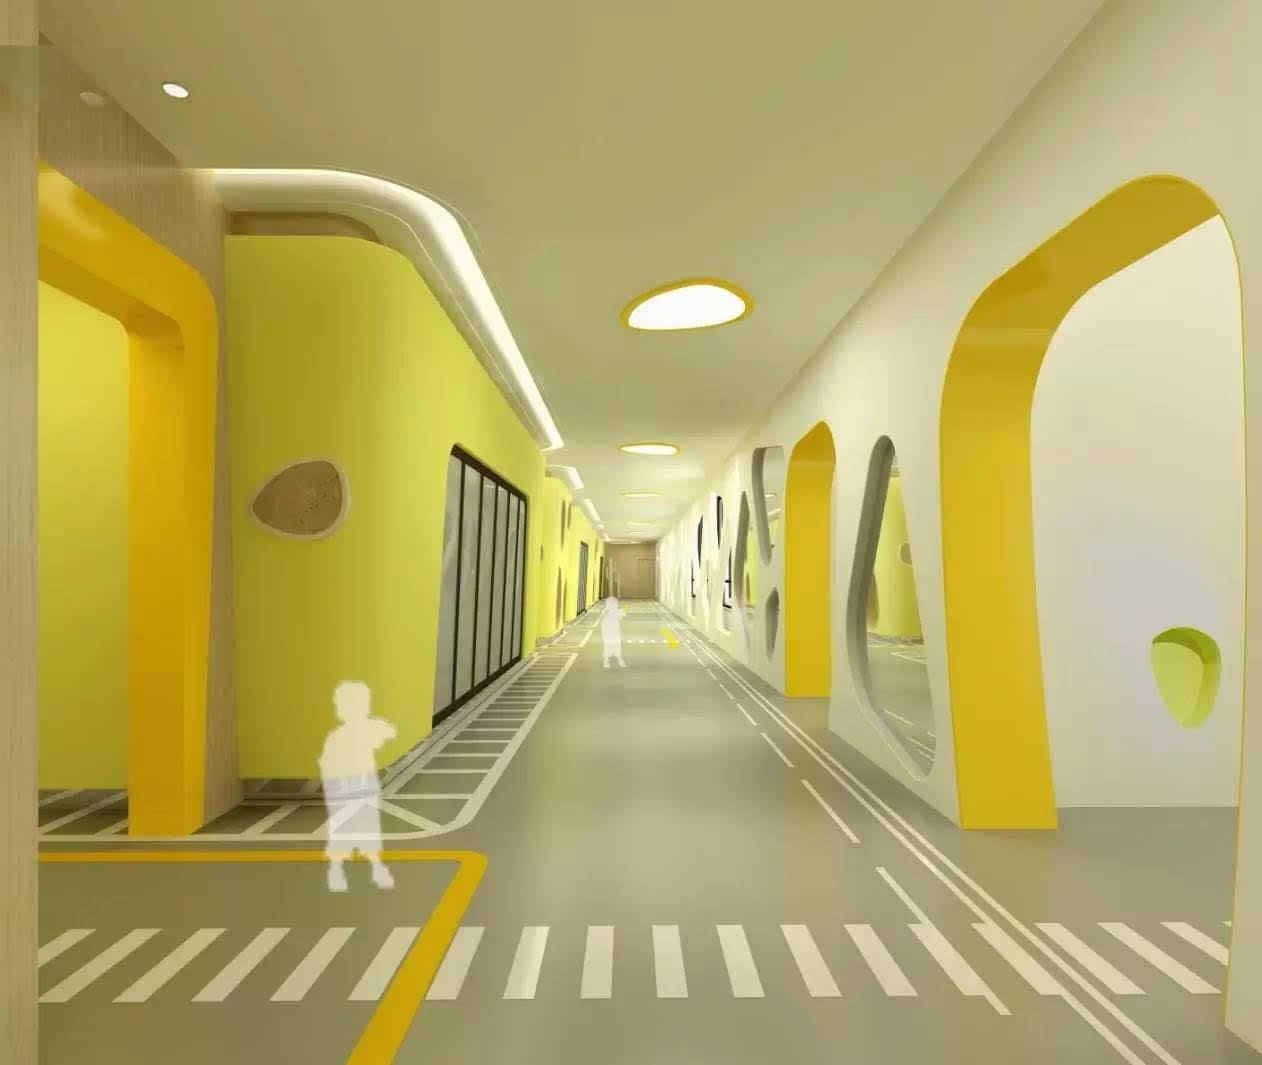 全国首例幼儿园与售楼处的跨界联合,艳惊四座!